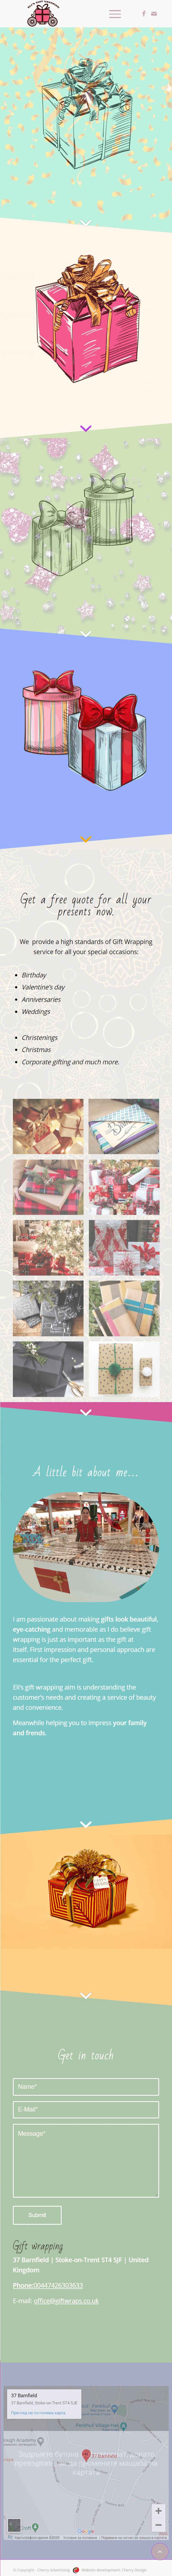 giftwraps.co.ukM-CherryAdv